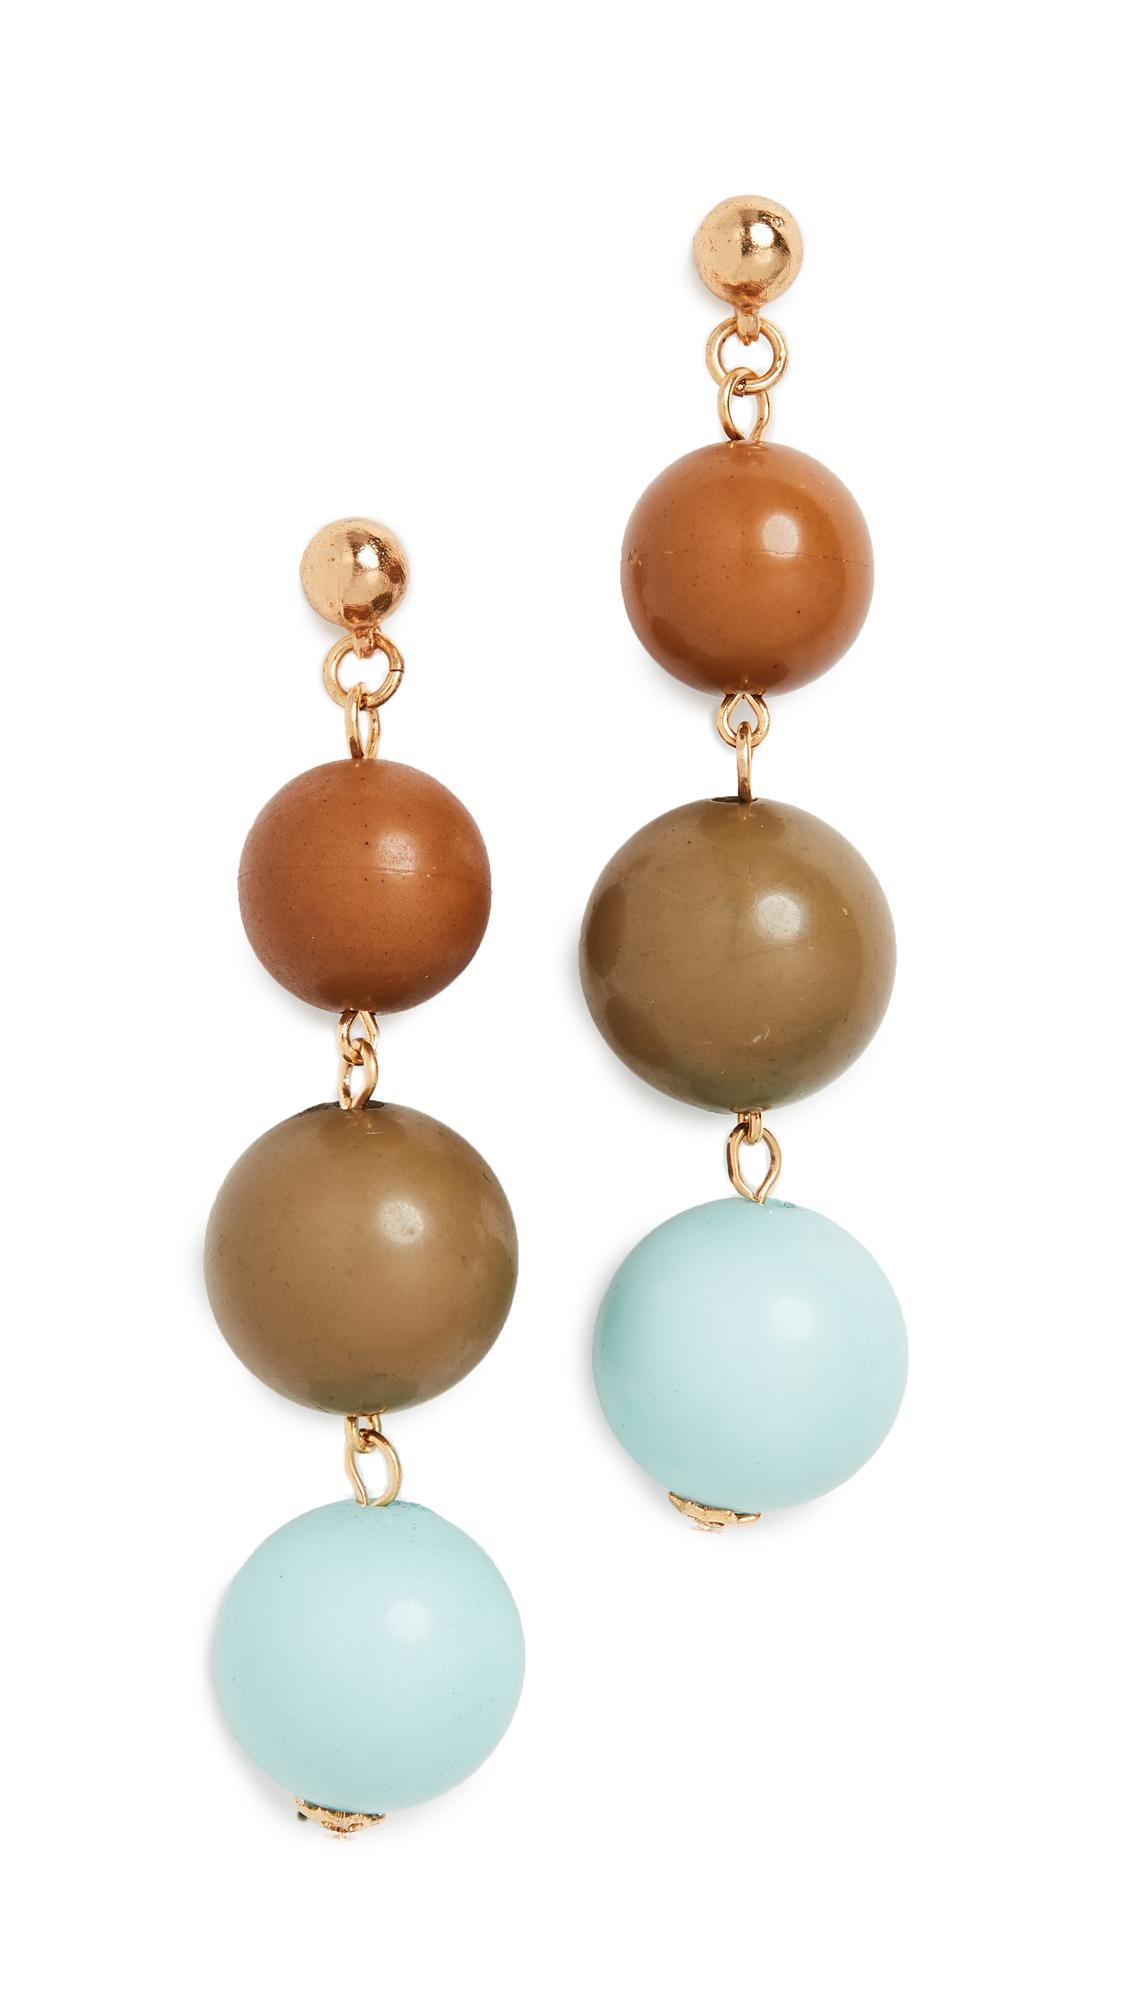 Oscar De La Renta Jewelry SMALL ENAMEL BALL DROP EARRINGS